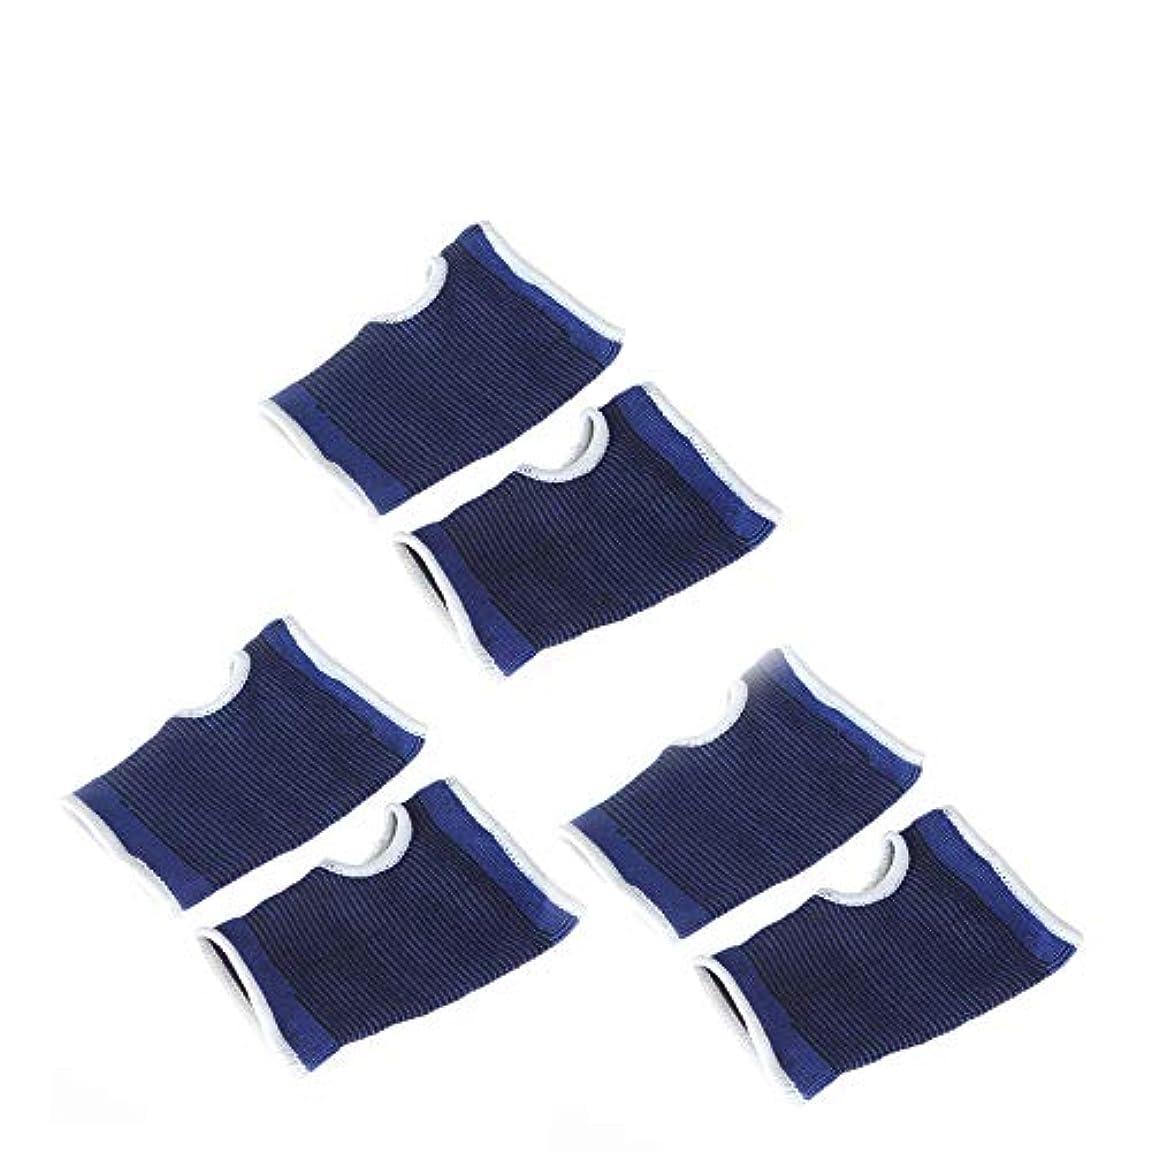 多様なビルタイムリーな1st market 3ペアユニセックスエラスティックパームサポートプロテクターハンドパームリストグローブスポーツブレーススリーブハンドガードメンズ/レディースフィットネスブルーベストチョイス